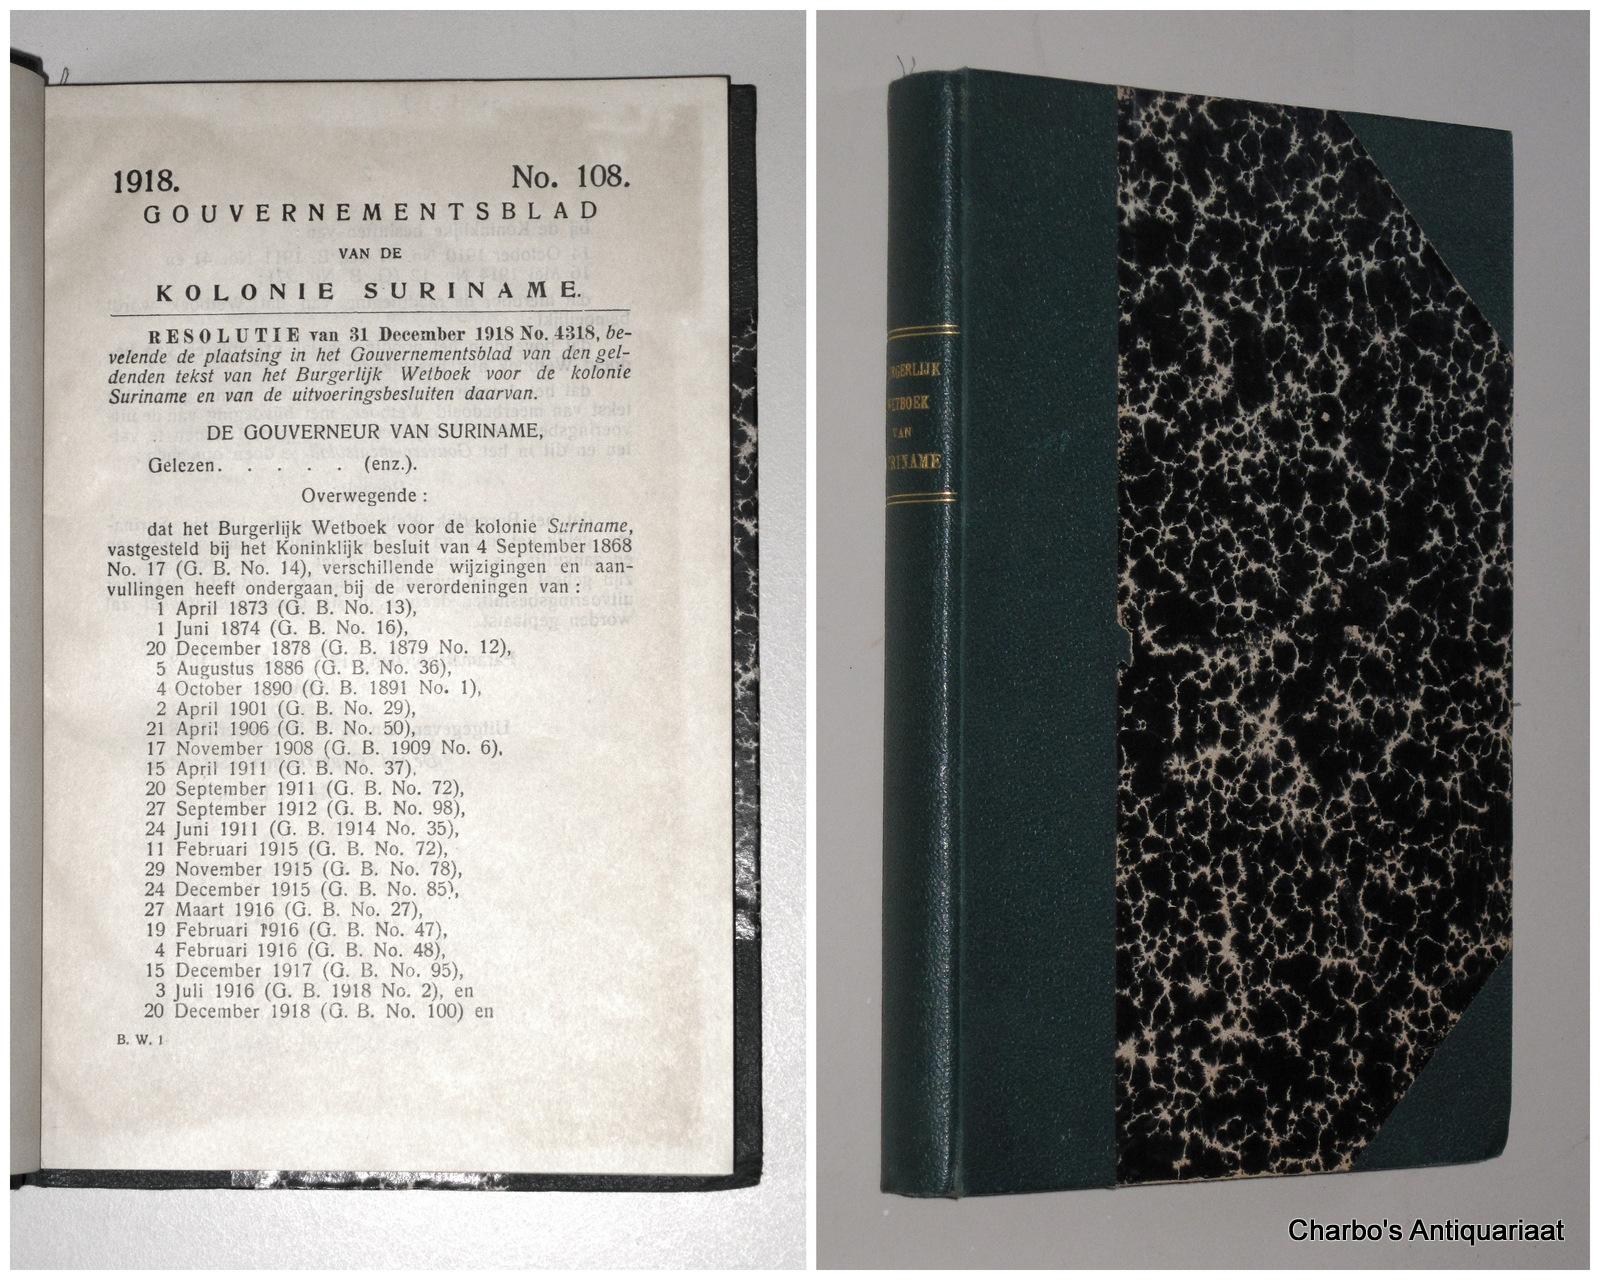 SURINAME. -  Gouvernementsblad van de Kolonie Suriname 1918. No. 104: Burgerlijk Wetboek voor de kolonie Suriname en van de uitvoeringsbesluiten daarvan.